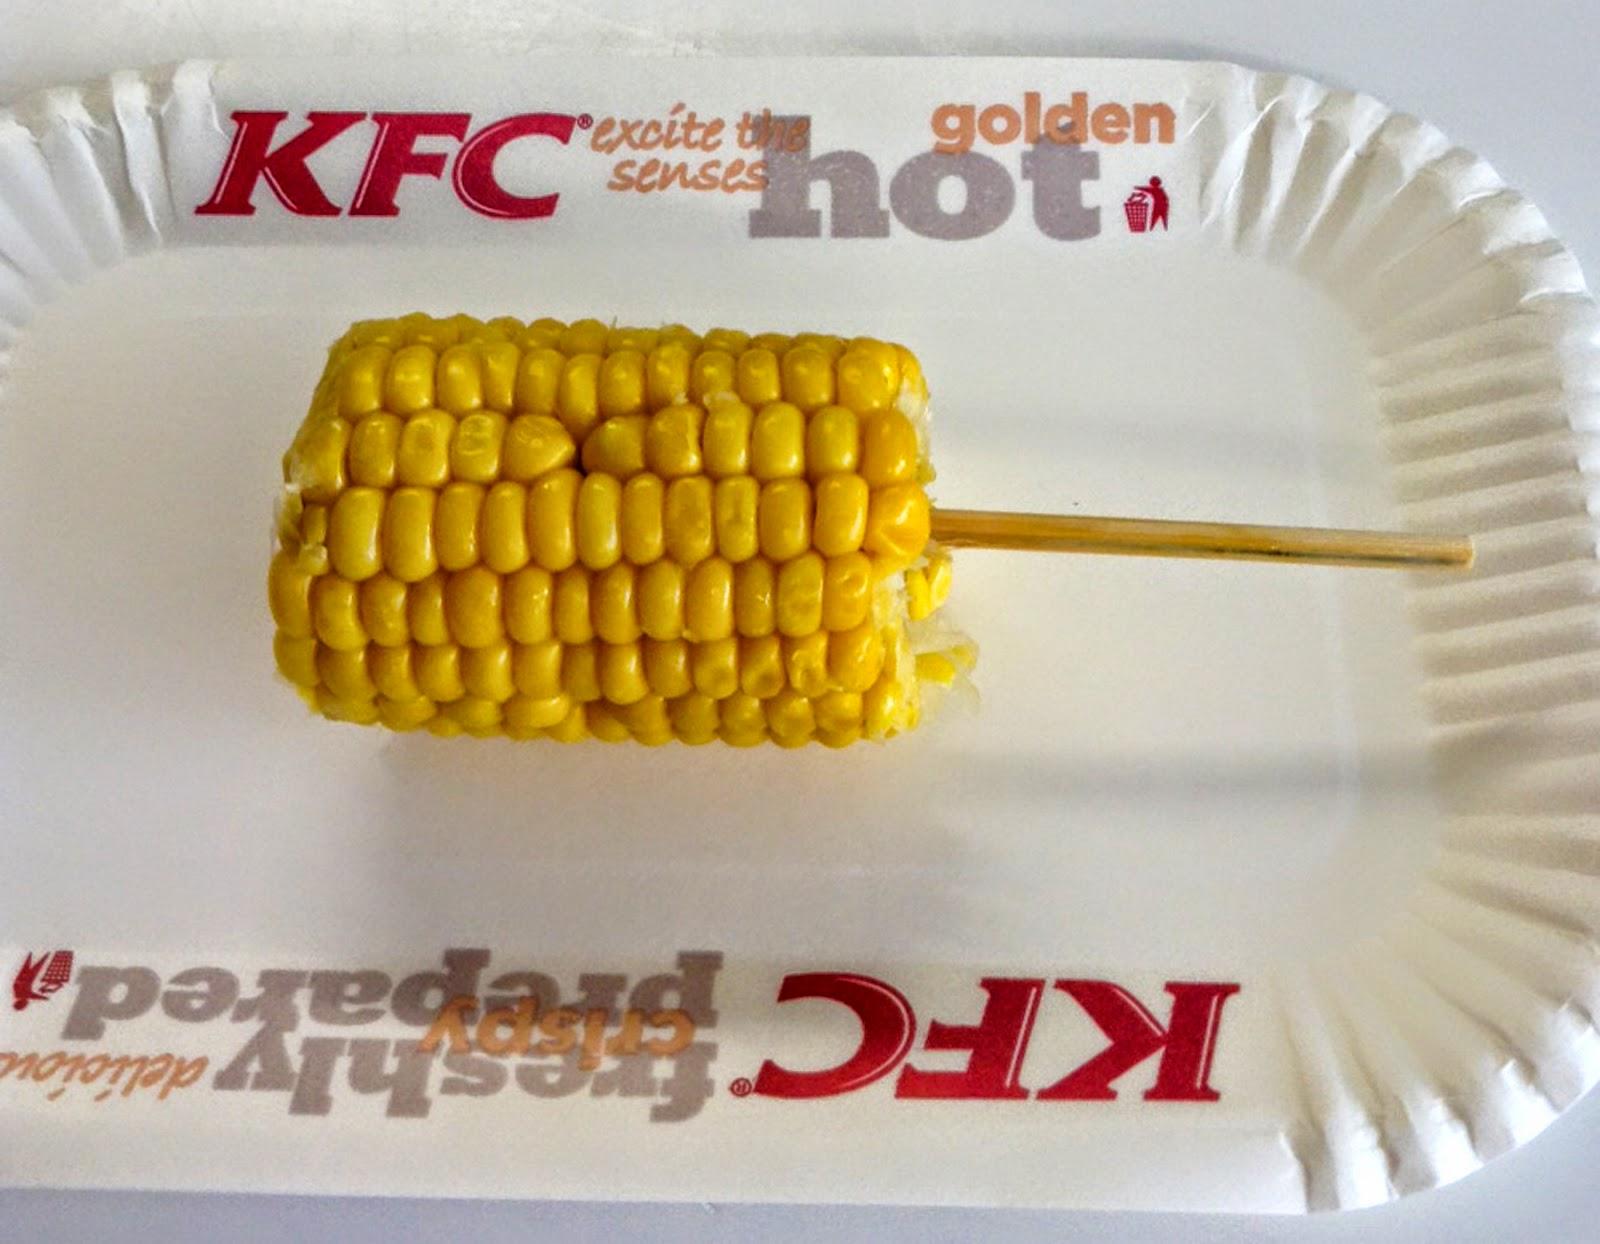 Behind the Scenes KFC